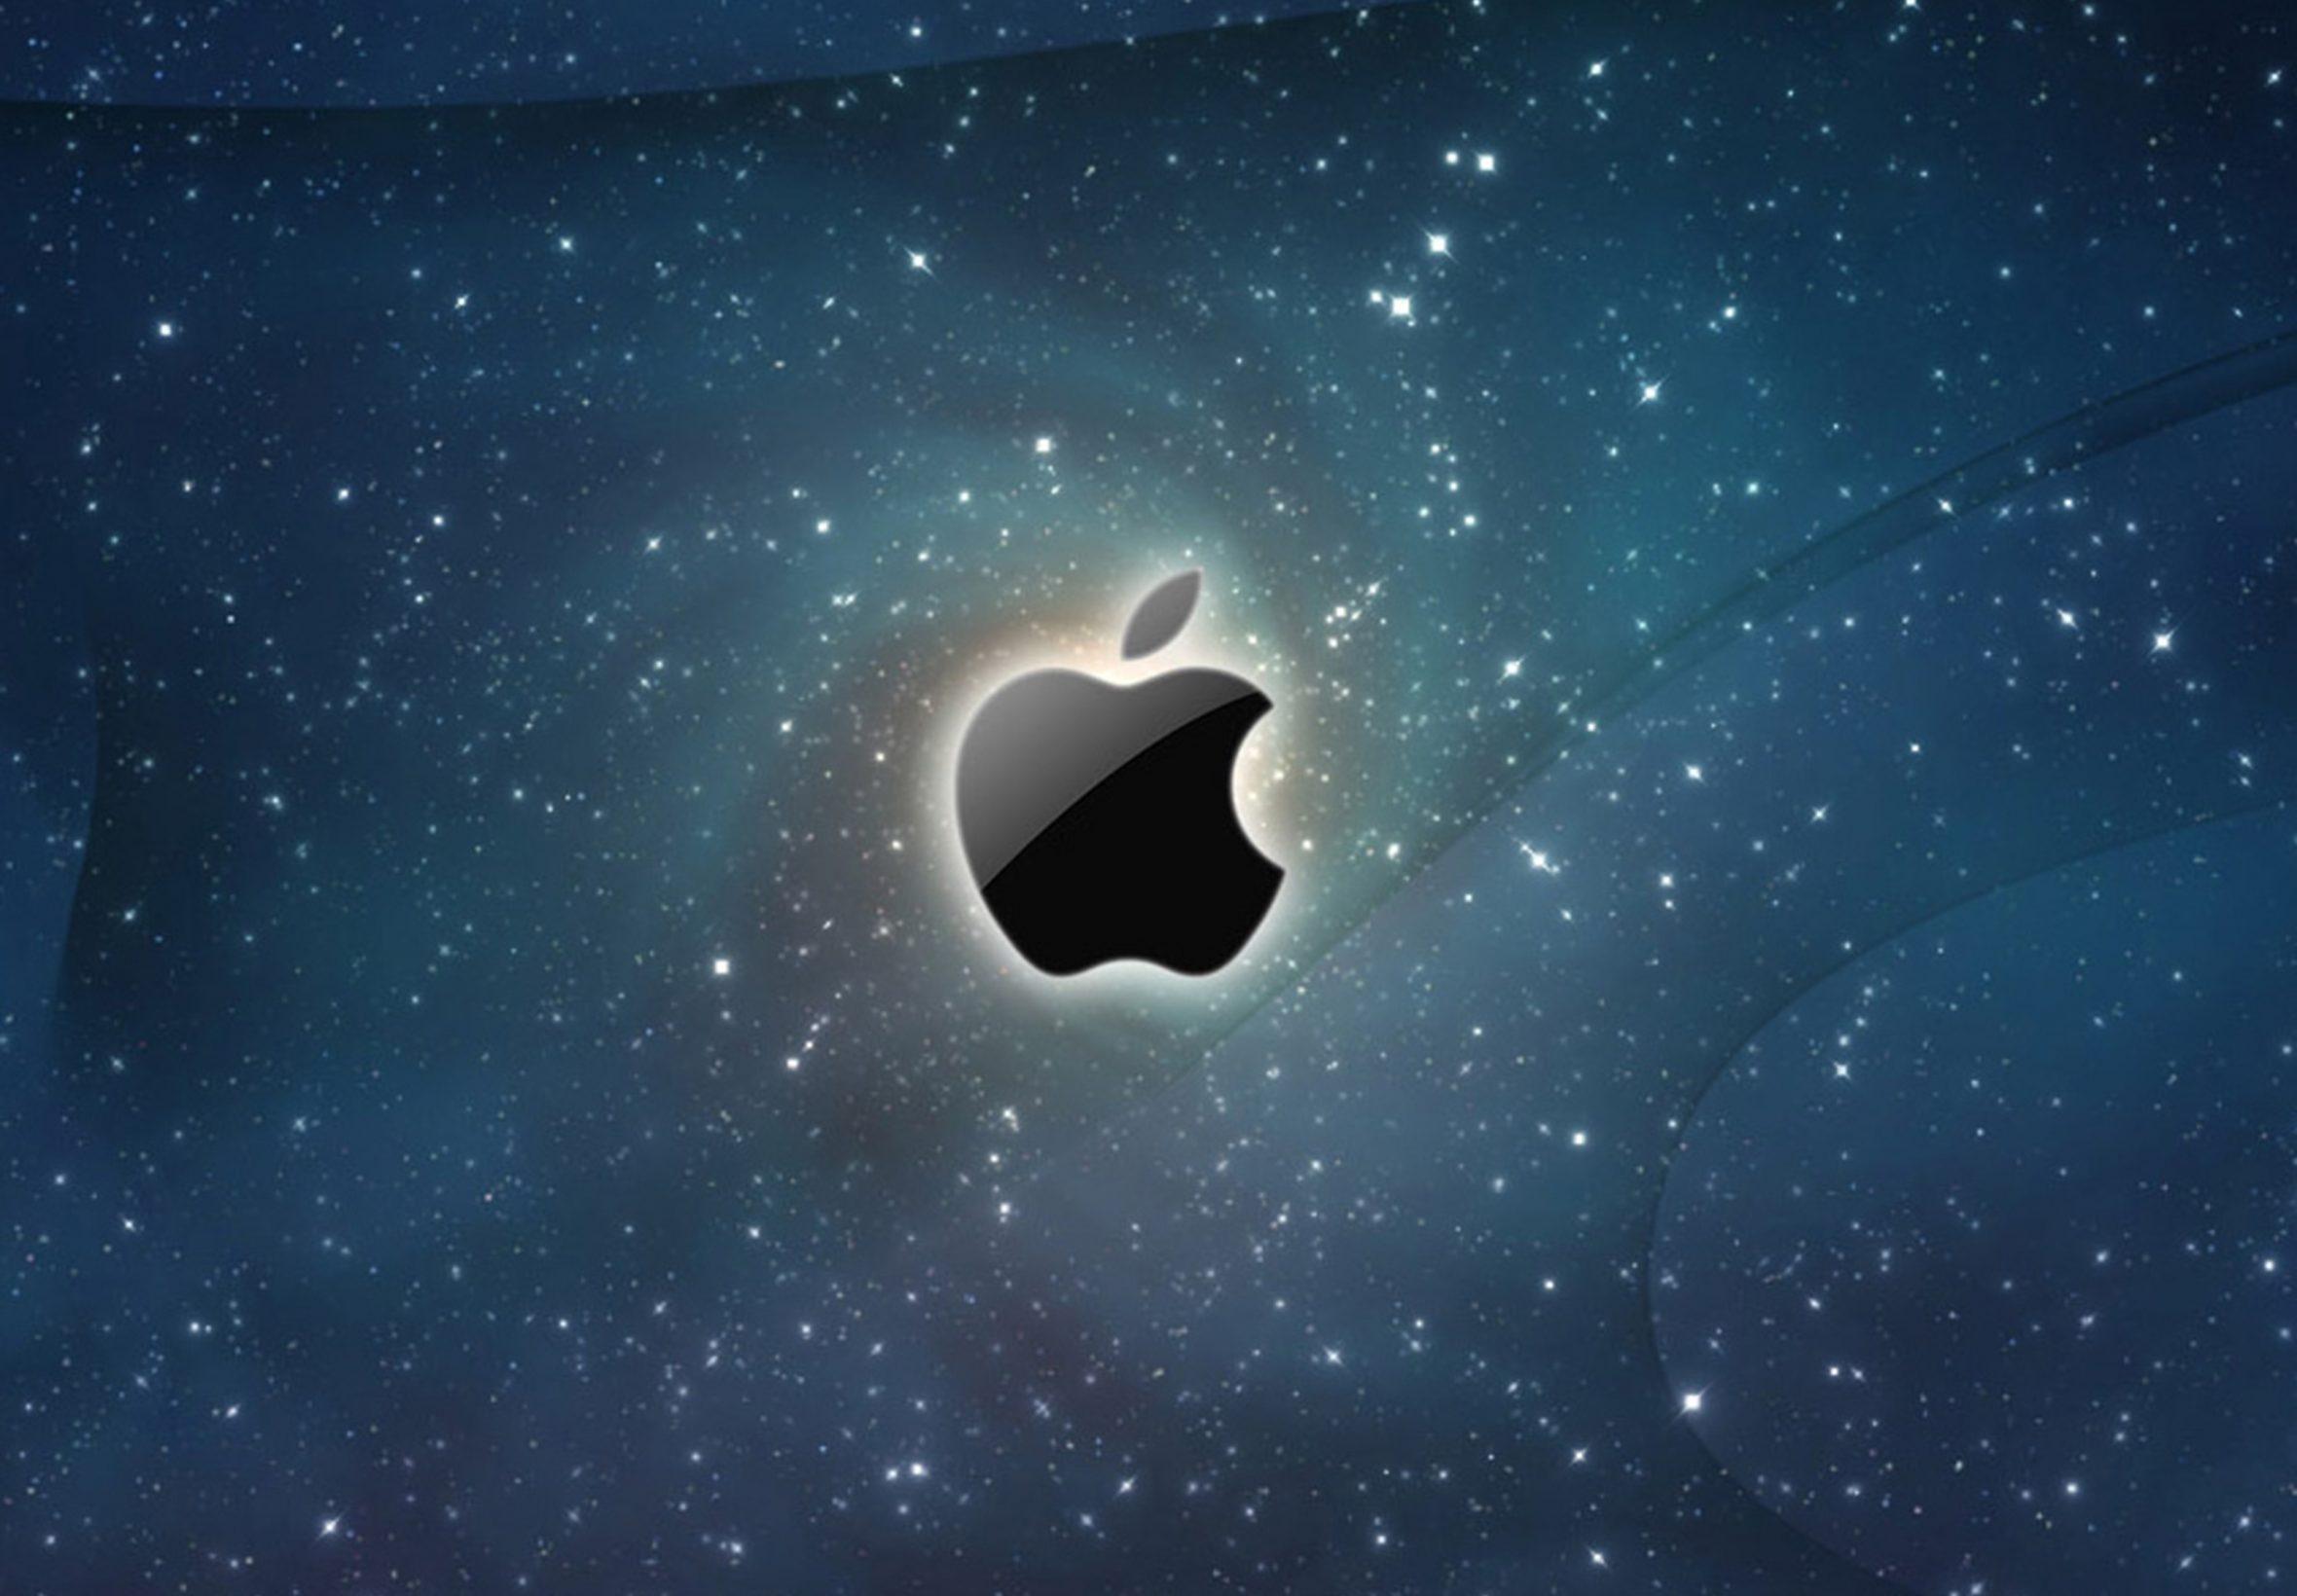 2360x1640 iPad Air wallpaper 4k Apple Space Ipad Wallpaper 2360x1640 pixels resolution